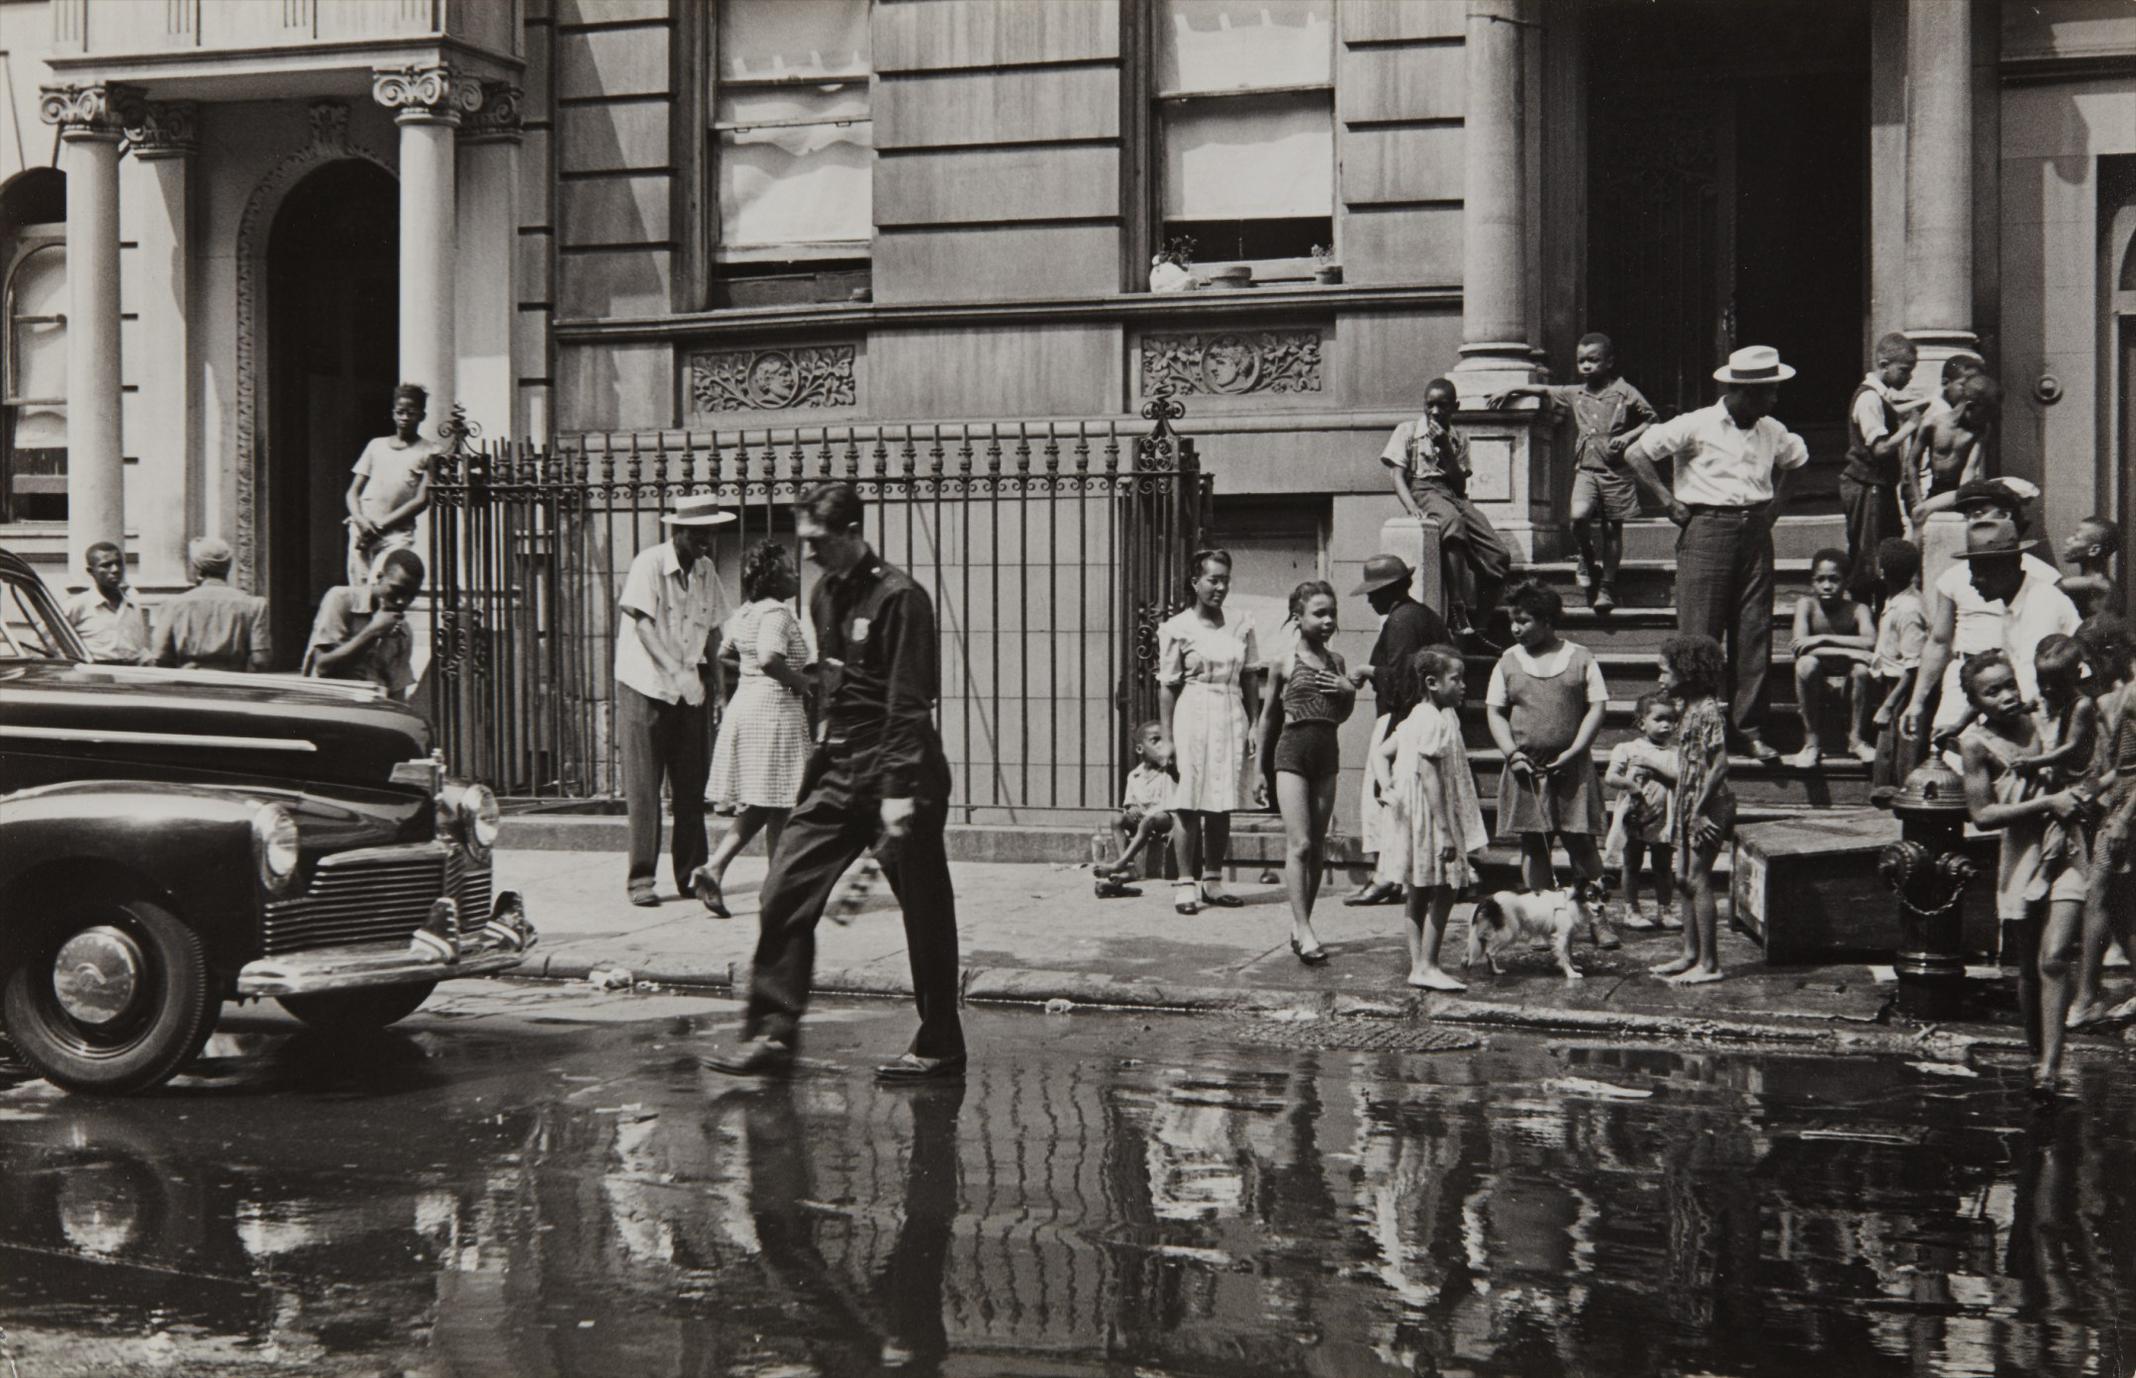 Helen Levitt-New York (Ny Policeman, Wet Street & Kids)-1940